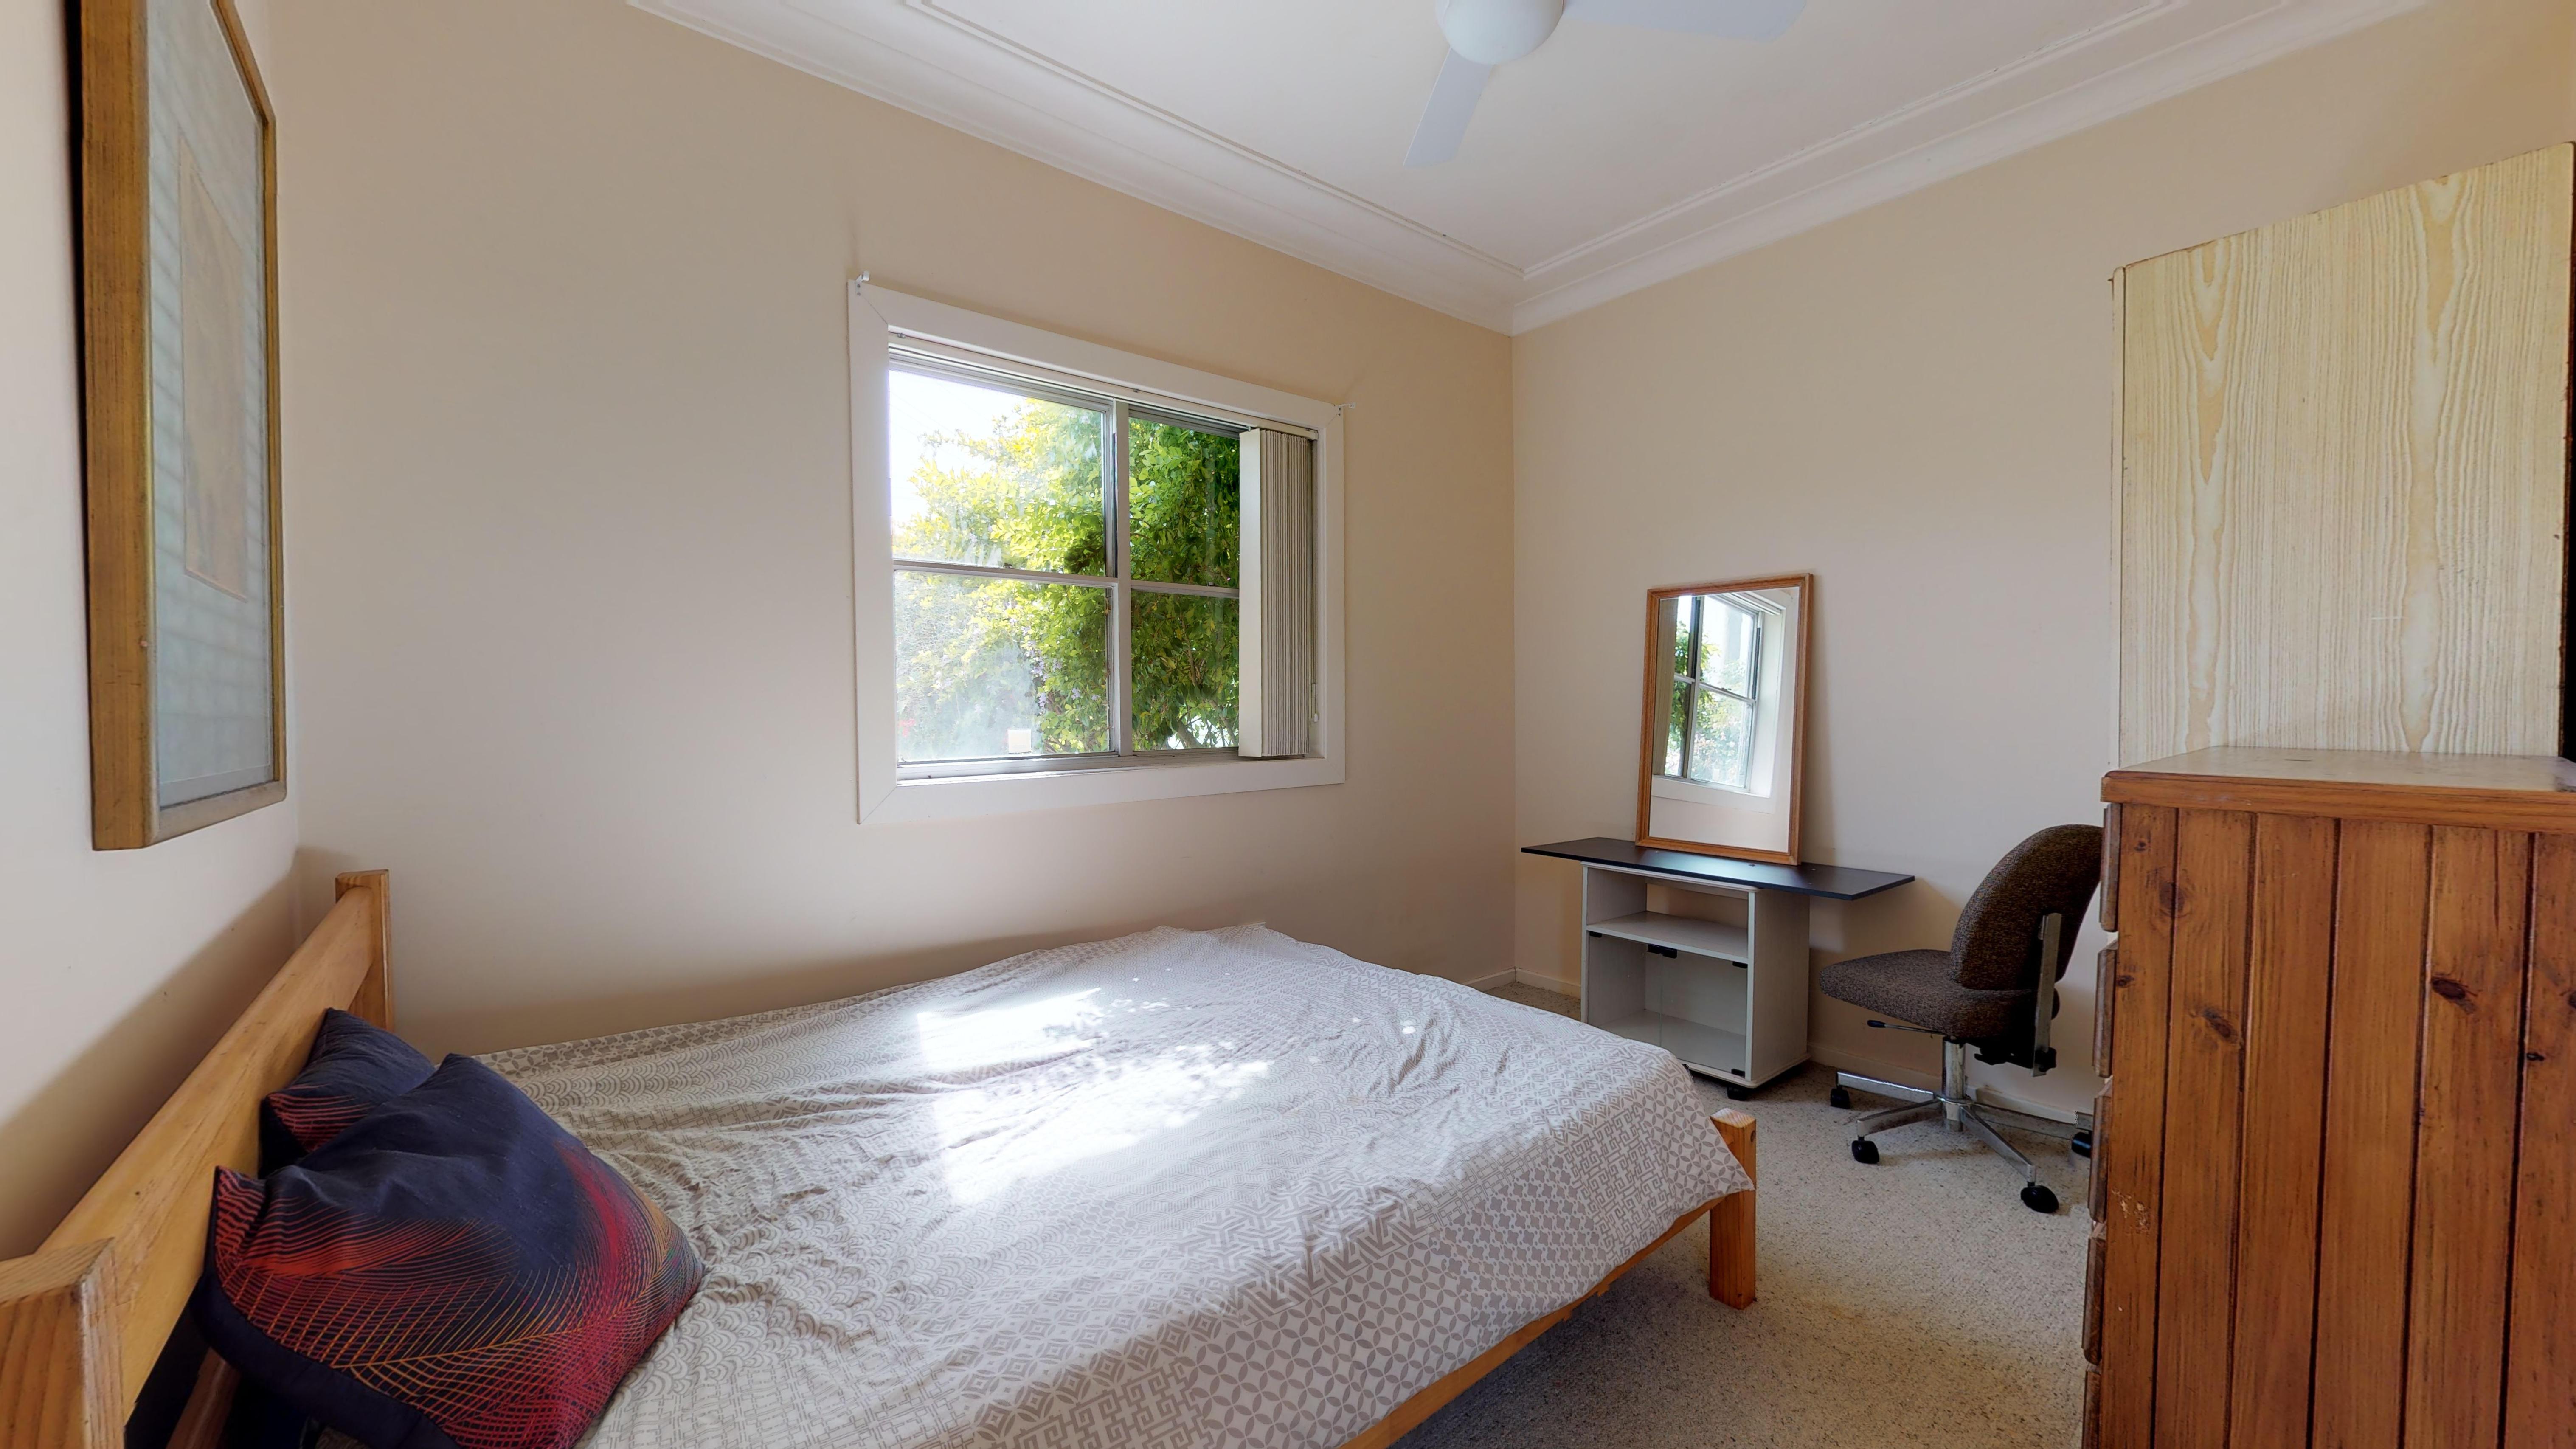 206 Marsden Street Room 4